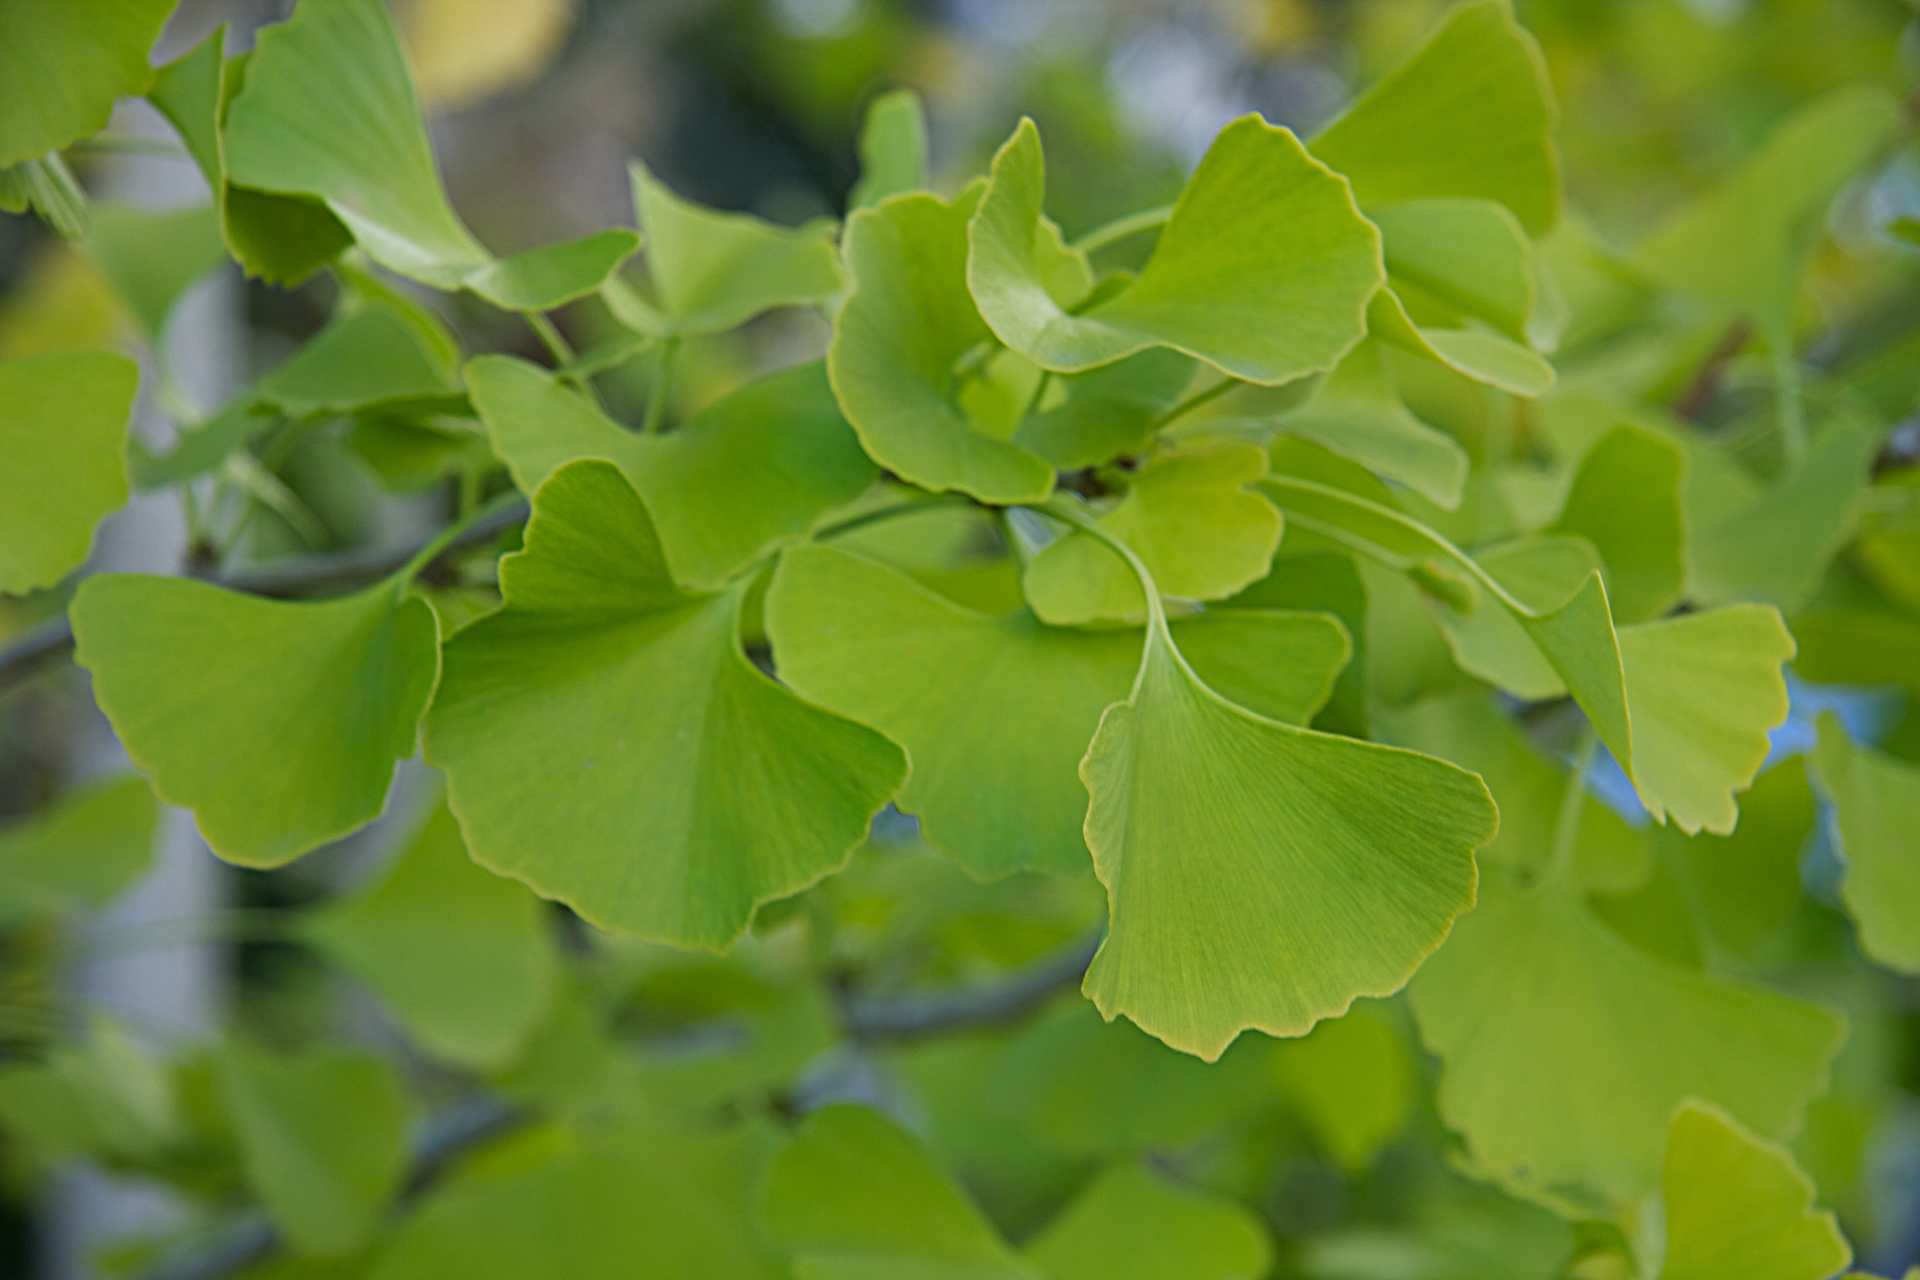 Zdjęcie liści miłorzębu dwuklapowego. Liście mają kształt wachlarza. Od ogonka liścia wstronę brzegu liścia odchodzą cienkie żyłki.